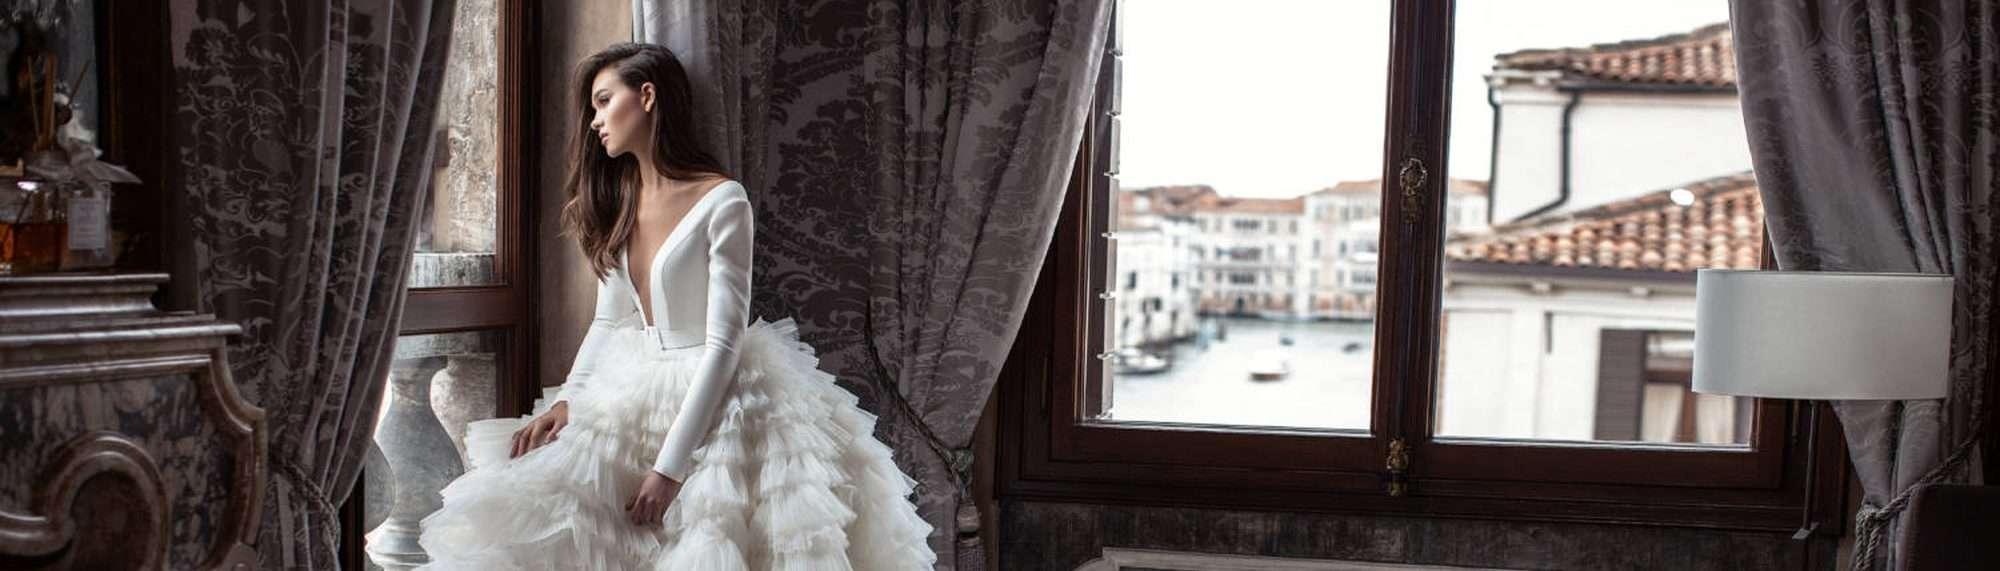 Brautkleider 2020 & Brautmode in Hannover finden